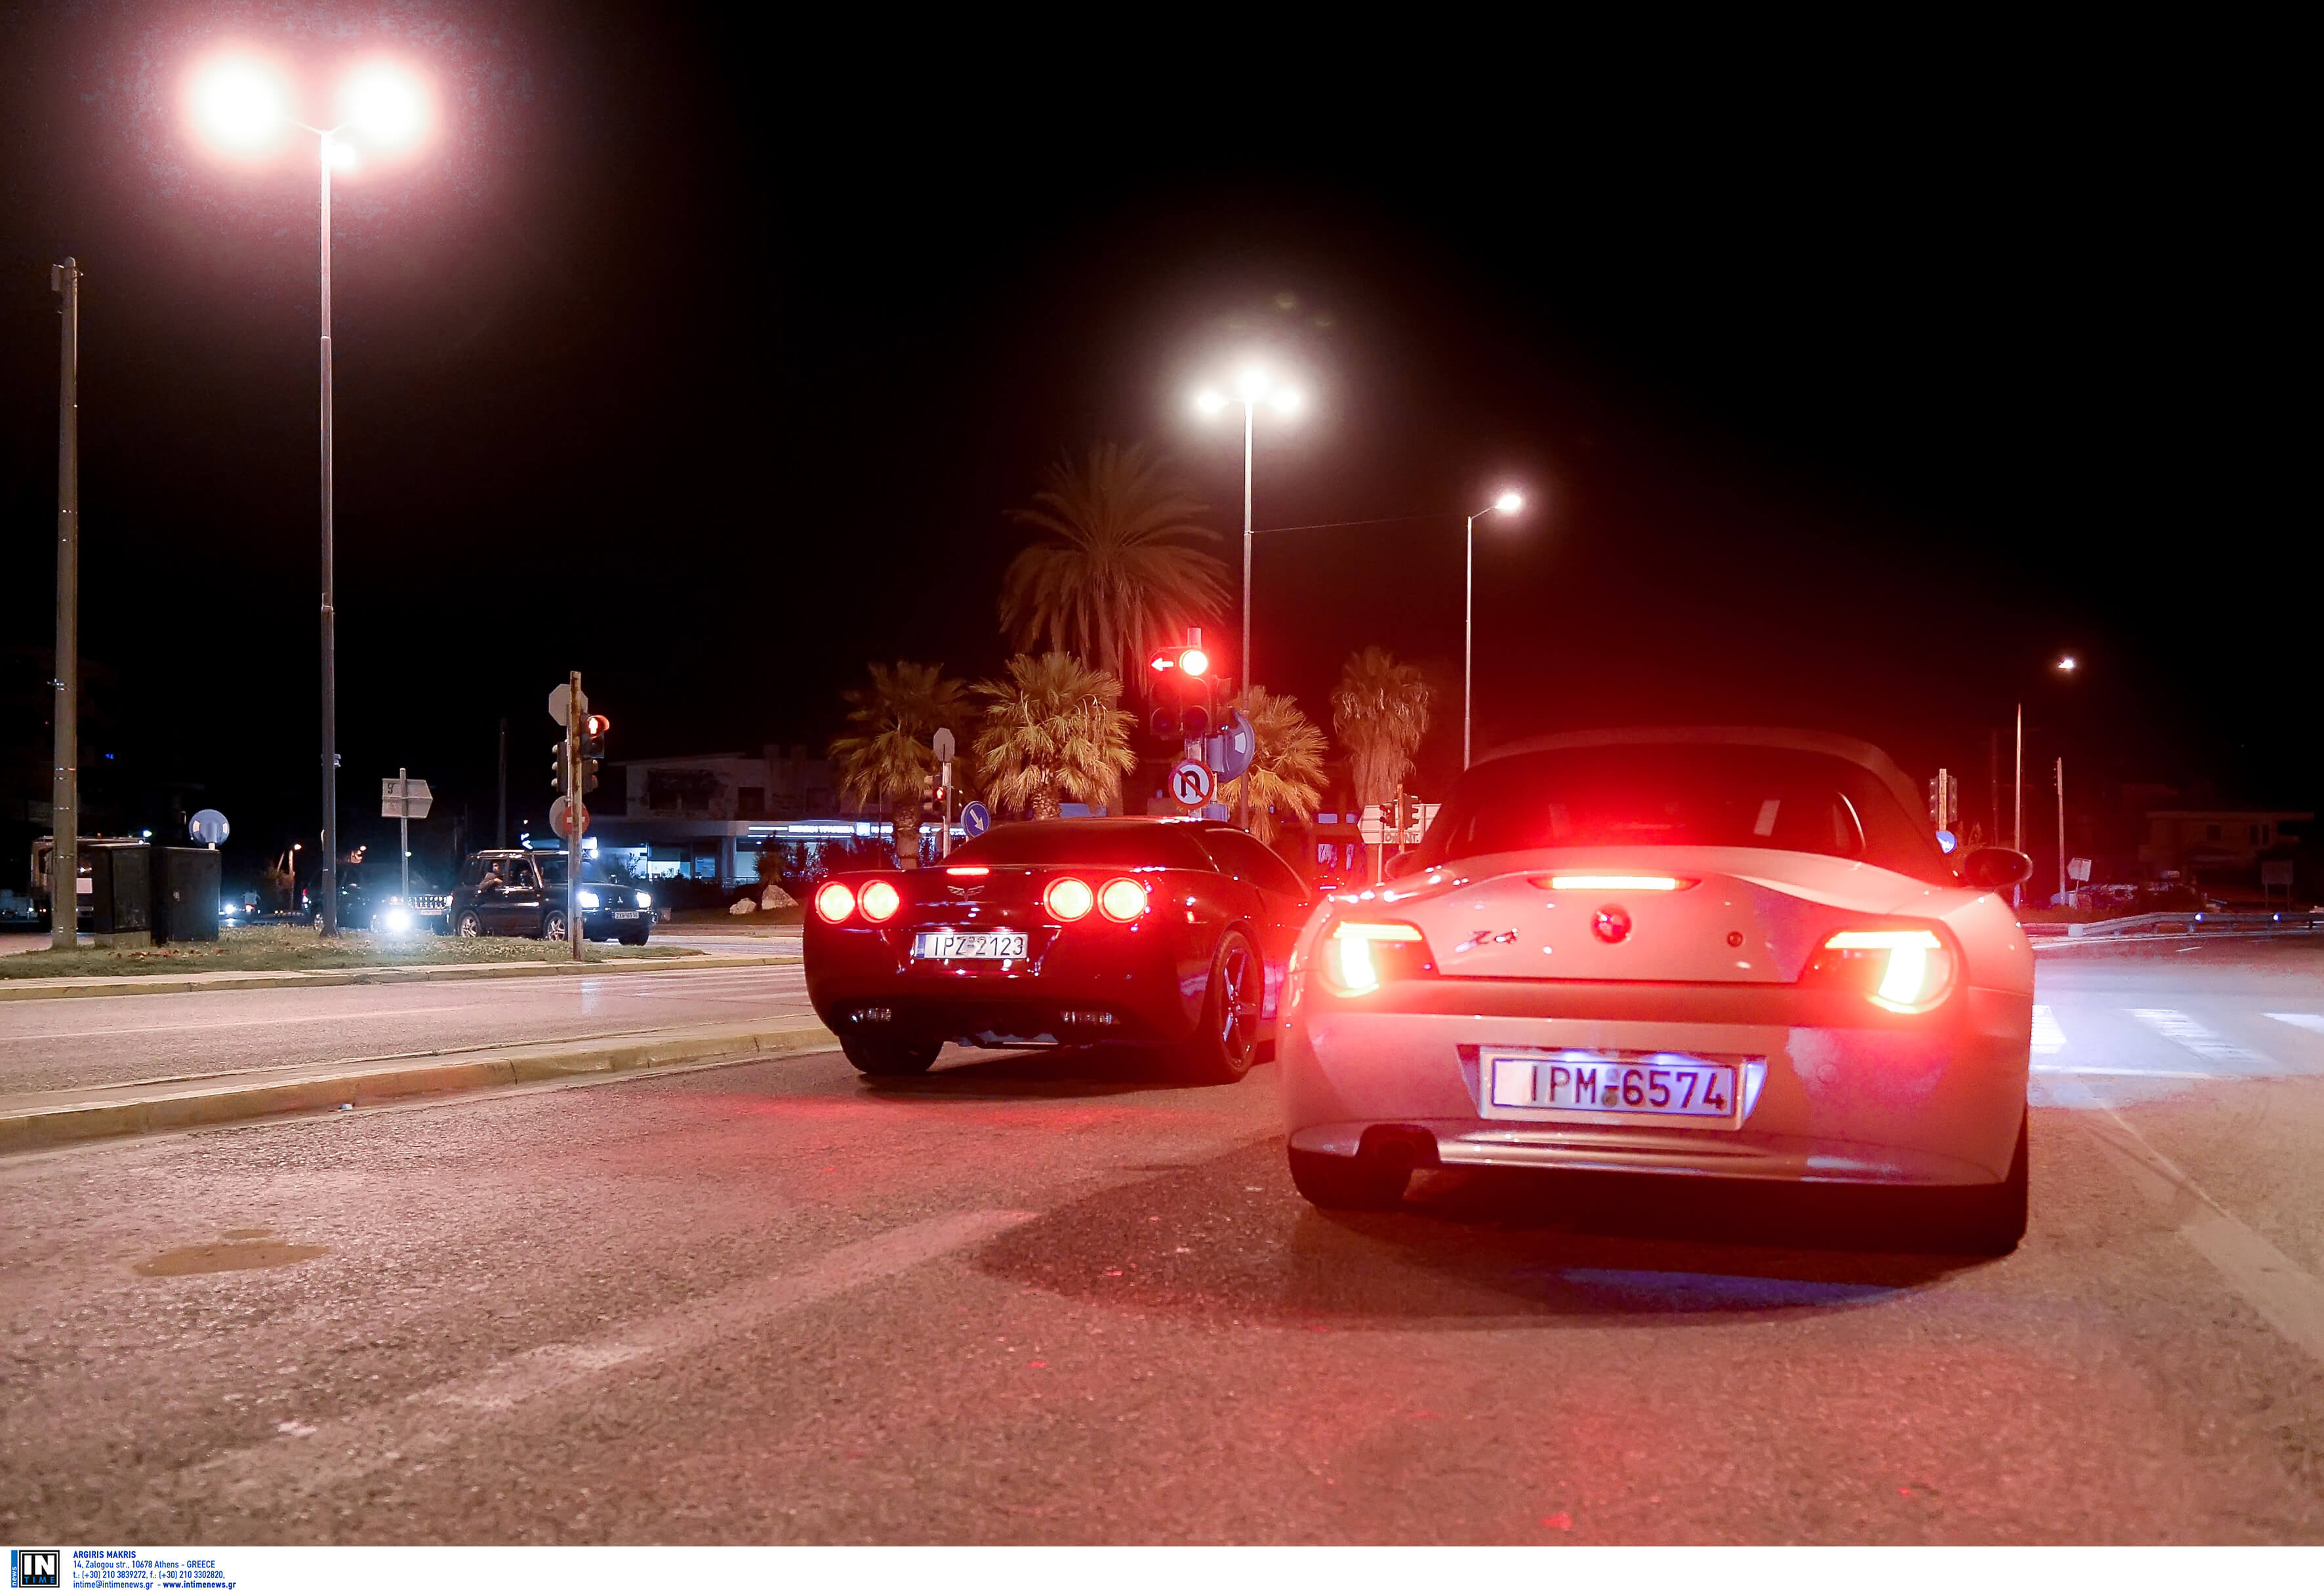 Επιχείρηση της αστυνομίας σε Κερατσίνι και Σχιστό για «κόντρες»! Ακινητοποιήθηκαν 11 αυτοκίνητα